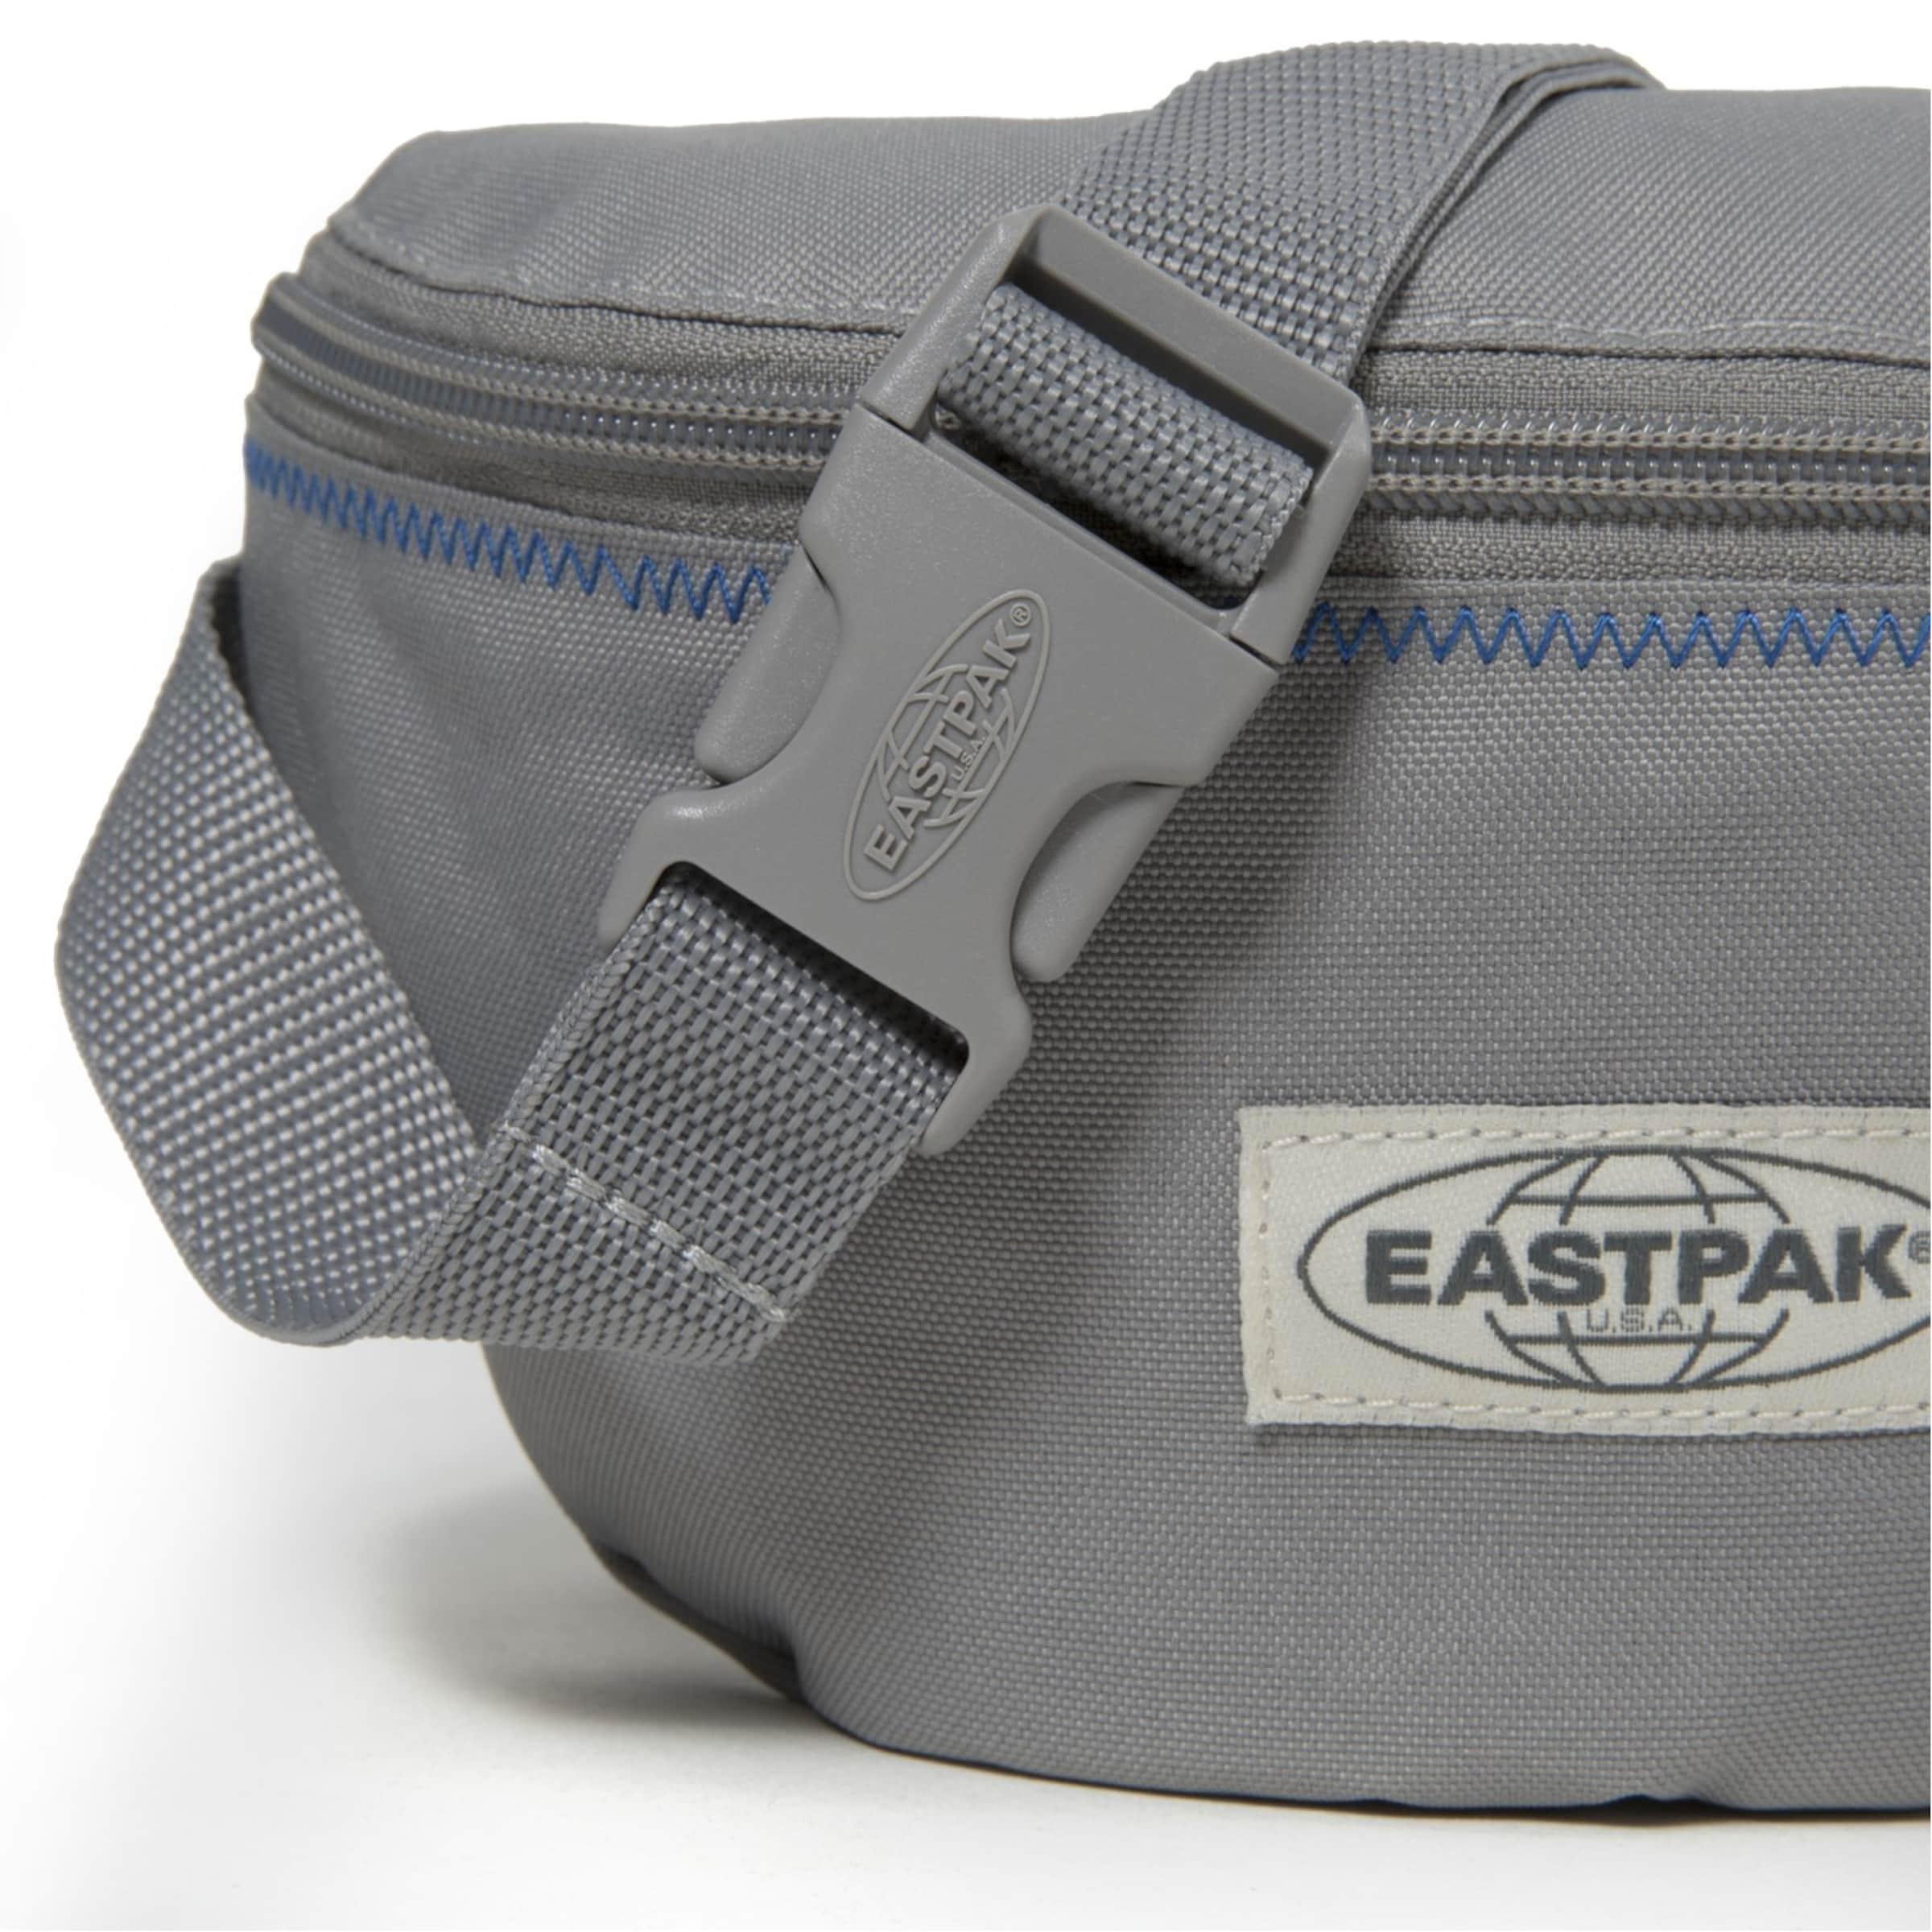 EASTPAK Authentic Collection Springer III 17 Gürteltasche 23 cm Günstig Online GakblXj